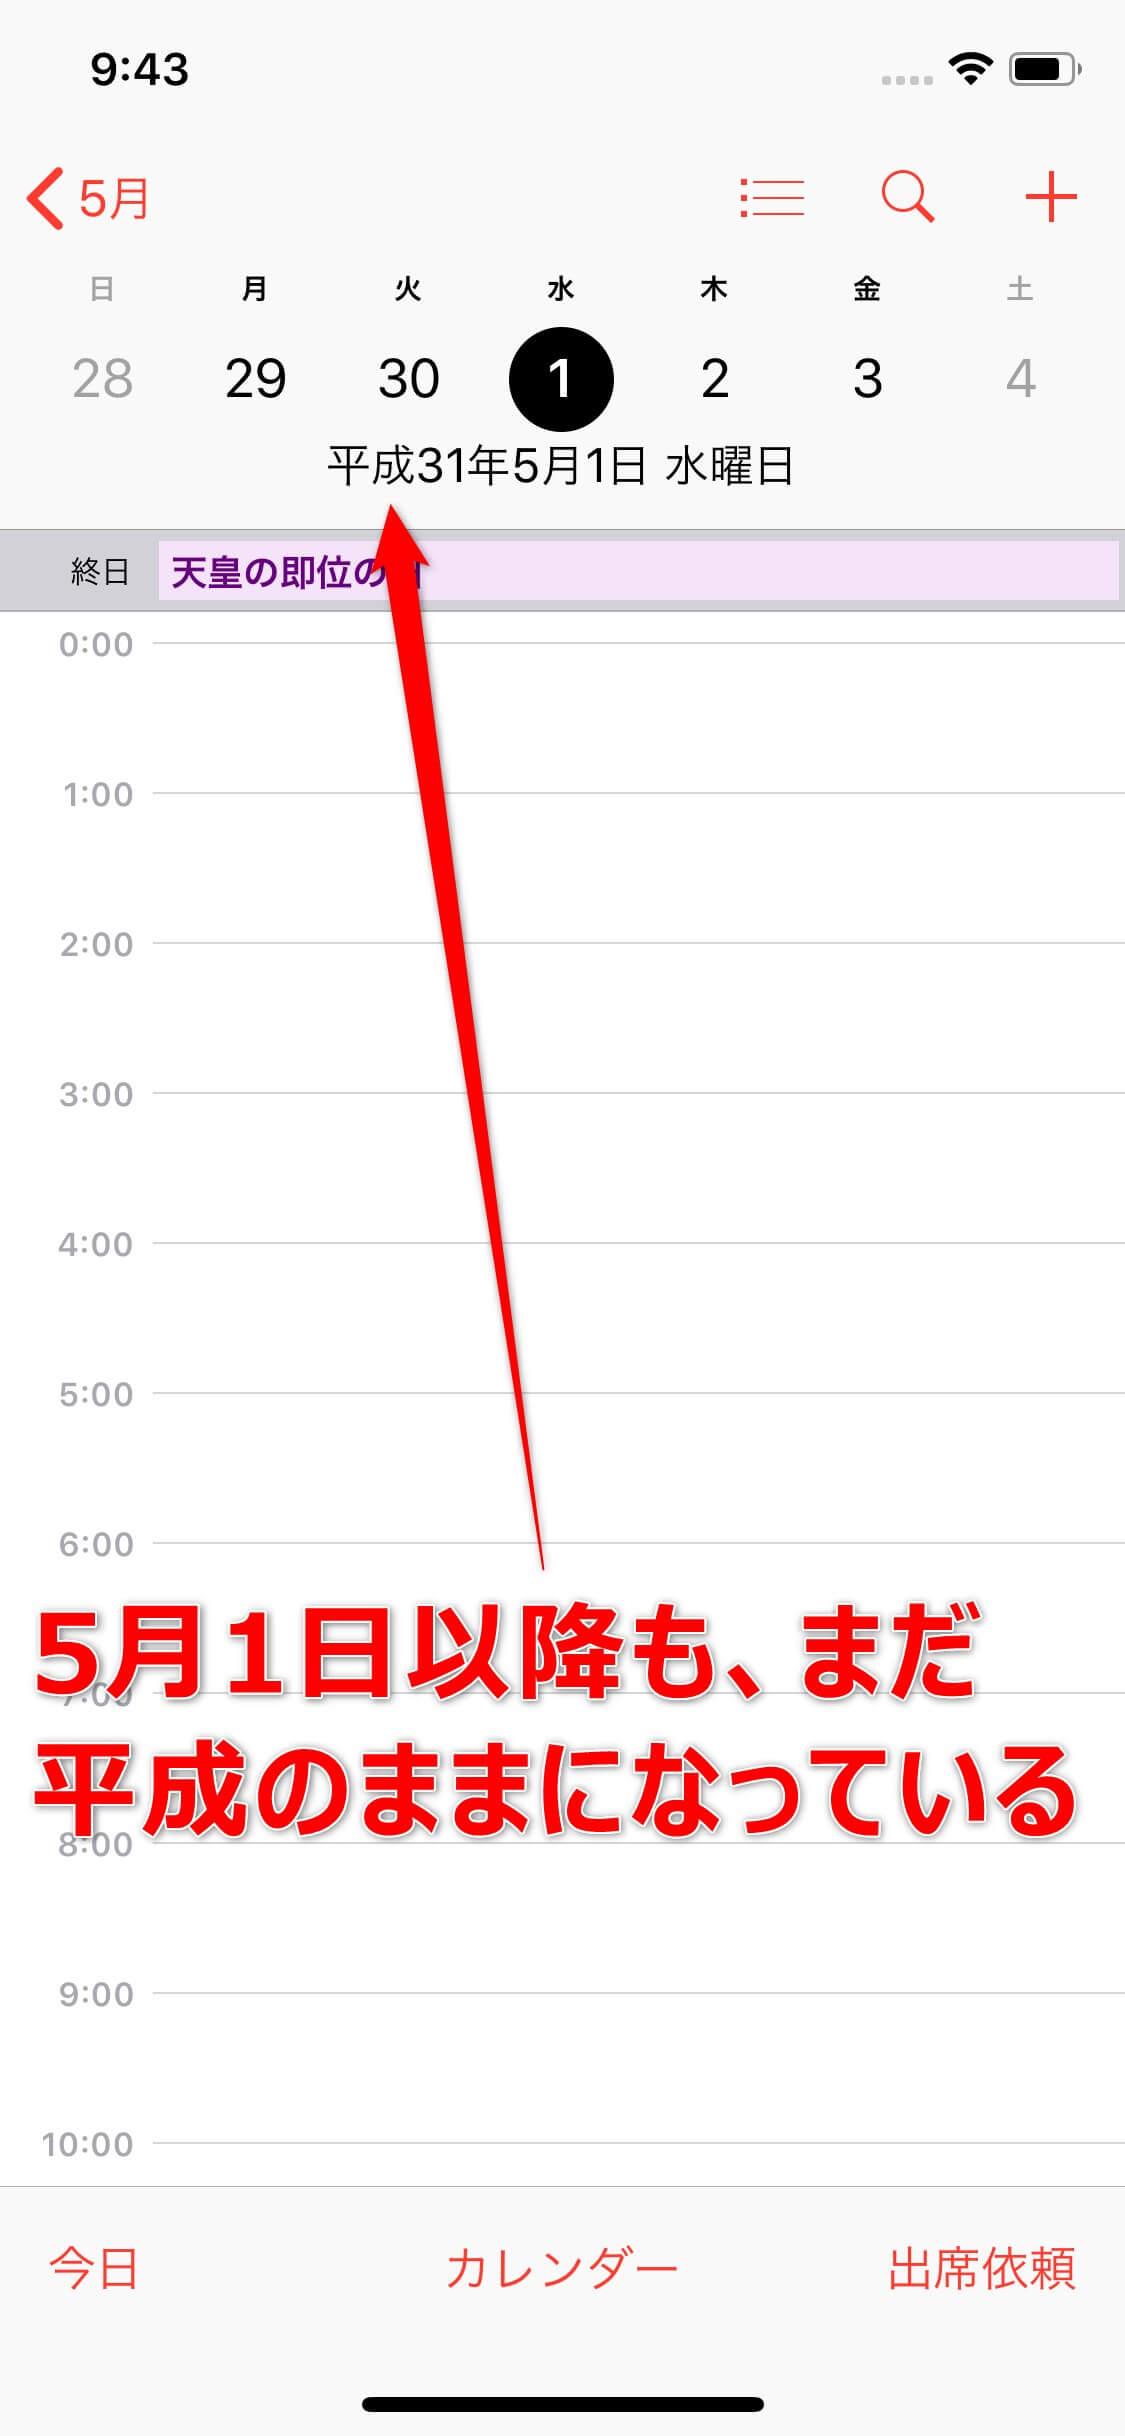 iPhoneのカレンダーアプリが令和に未対応の画面